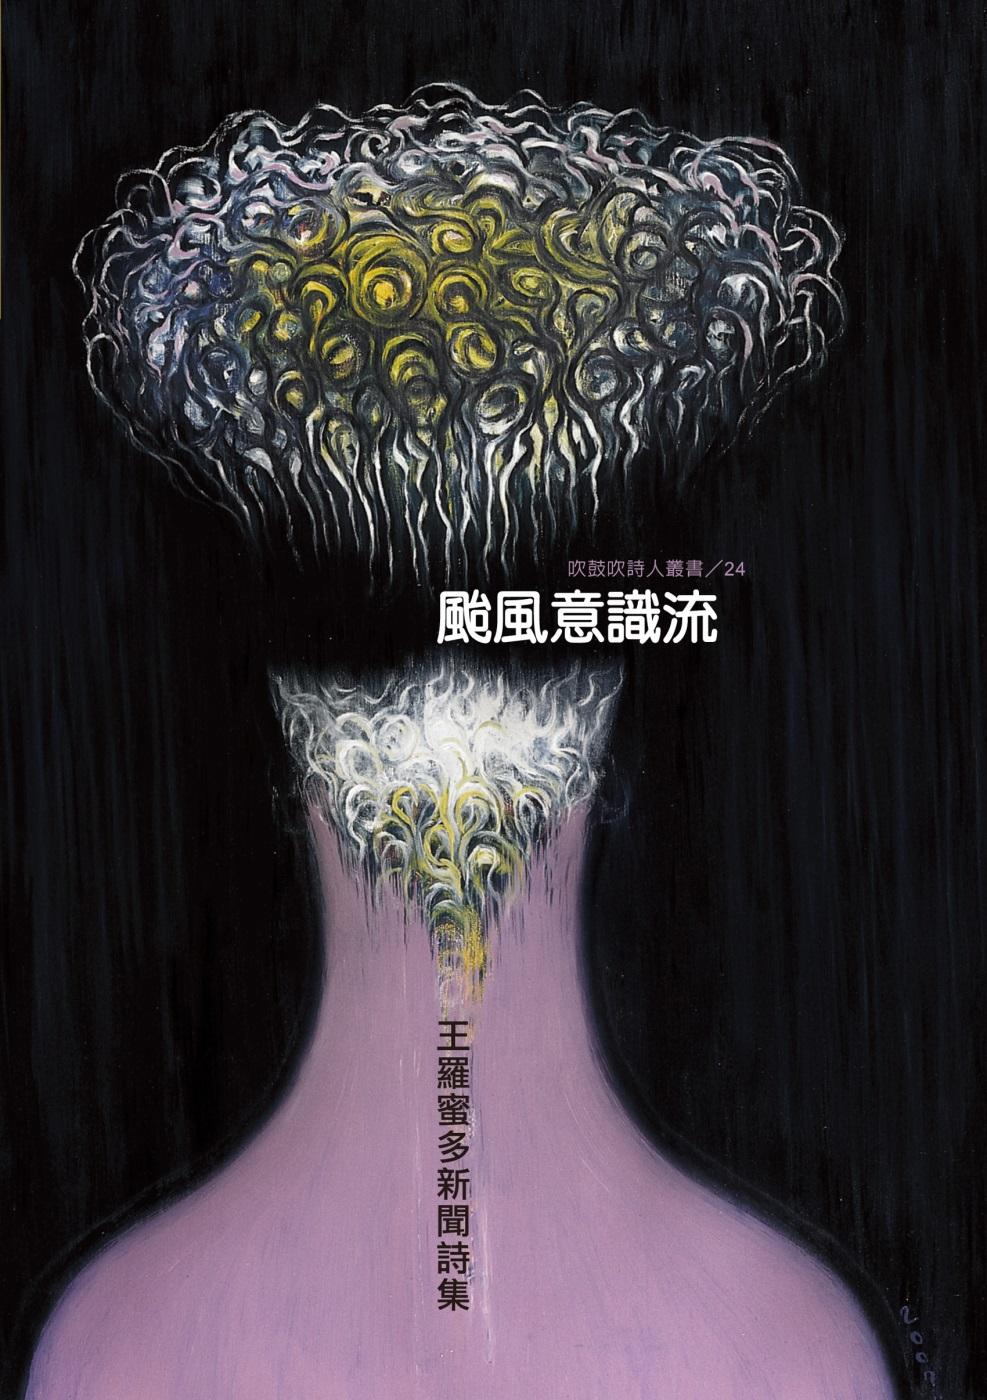 颱風意識流:王羅蜜多新聞詩集